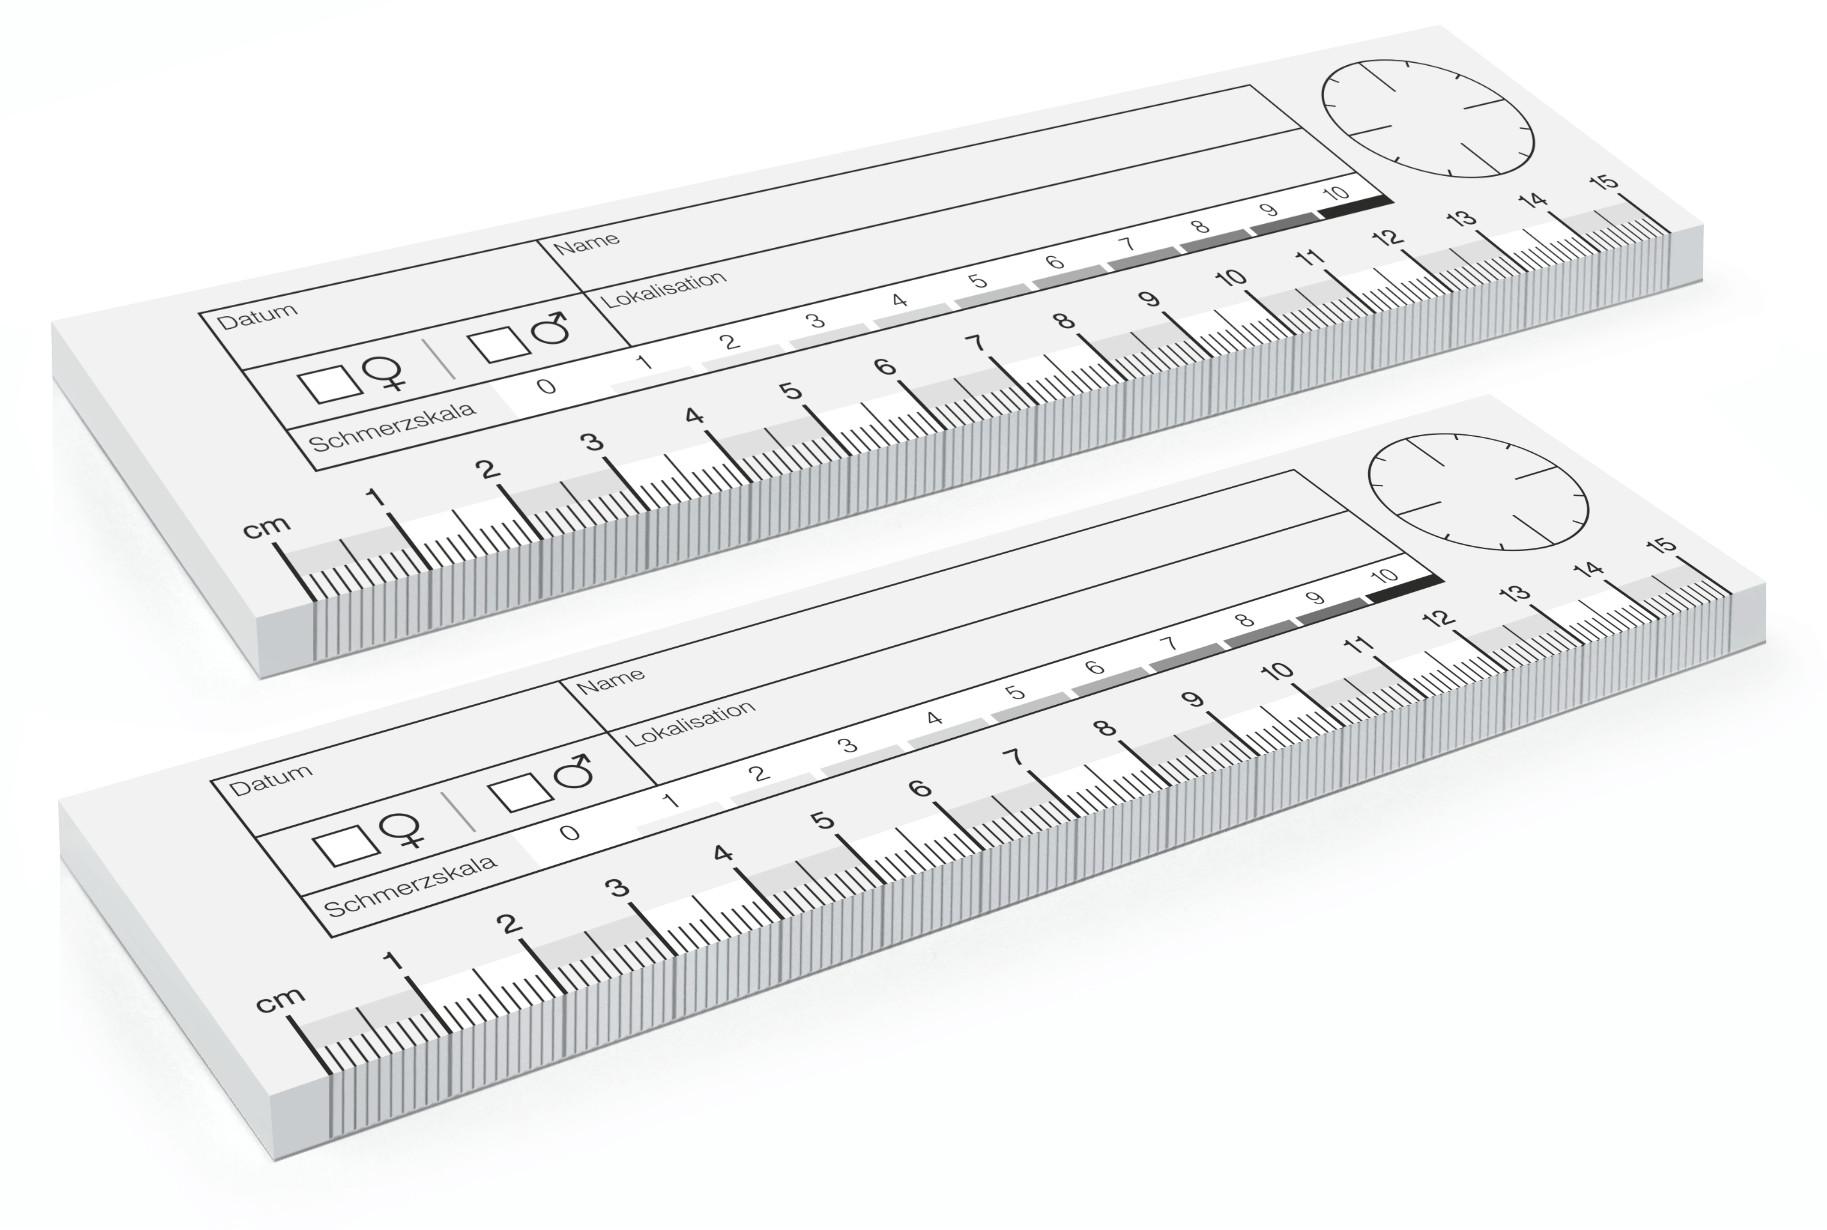 Zum ausdrucken zentimetermaß Zentimetermaß